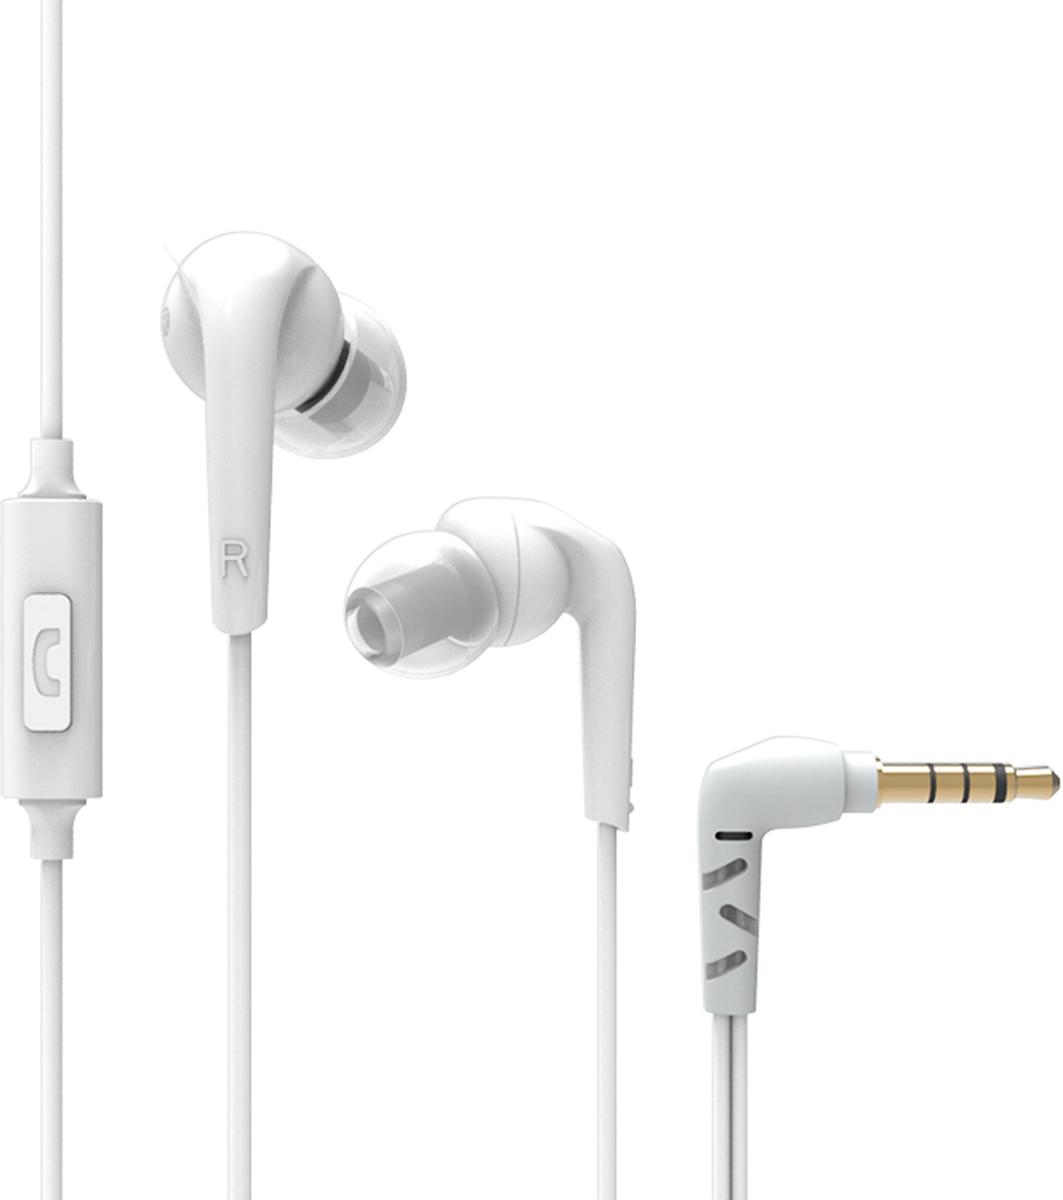 MEE Audiо RX18P COMFORT-FIT, White наушникиEP-RX18P-WT-MEERX18P - это легкие и эргономичные наушники, обеспечивающие четкое, улучшенное звучание басов, идеально подходящее для музыки, фильмов, игр, аудиокниг и других материалов. Встроенный микрофон и пульт дистанционного управления позволяют вам отвечать на вызовы и воспроизводить, приостанавливать и пропускать дорожки, сохраняя при этом ваш телефон или медиаплеер в кармане.ОСОБЕННОСТИ: Легкие наушники-вкладыши, разработанные для комфортного использования в повседневной жизни 10-миллиметровые динамические драйверы выдают чистый и четкий звук с глубокими, но контролируемыми басами Эргономичный дизайн наушников следует естественной форме уха, чтобы обеспечить комфорт на весь день Встроенный микрофон и пульт для iPhone, iPad, iPod, других смартфонов и планшетов Комплект включает в себя 3 размера амбушюрСОЗДАНЫ ДЛЯ КОМФОРТА Маленькие и легкие наушники RX18P, разработаны для легкого и комфортного использования, соответствуют естественной форме уха. Три различных размера амбушюр в комплекте позволят вам получить исключительный комфорт и надежную посадку, при которой наушники удержатся даже в самых маленьких ушах.ШУМОИЗОЛЯЦИОННЫЙ ДИЗАЙН Удобная вставка для ушей и множество размеров прилагаемых советов для ушей помогают обеспечить наилучшее уплотнение для ваших ушей, усиление басового ответа, снижение внешнего шума и предотвращение прослушивания музыки вокруг вас.